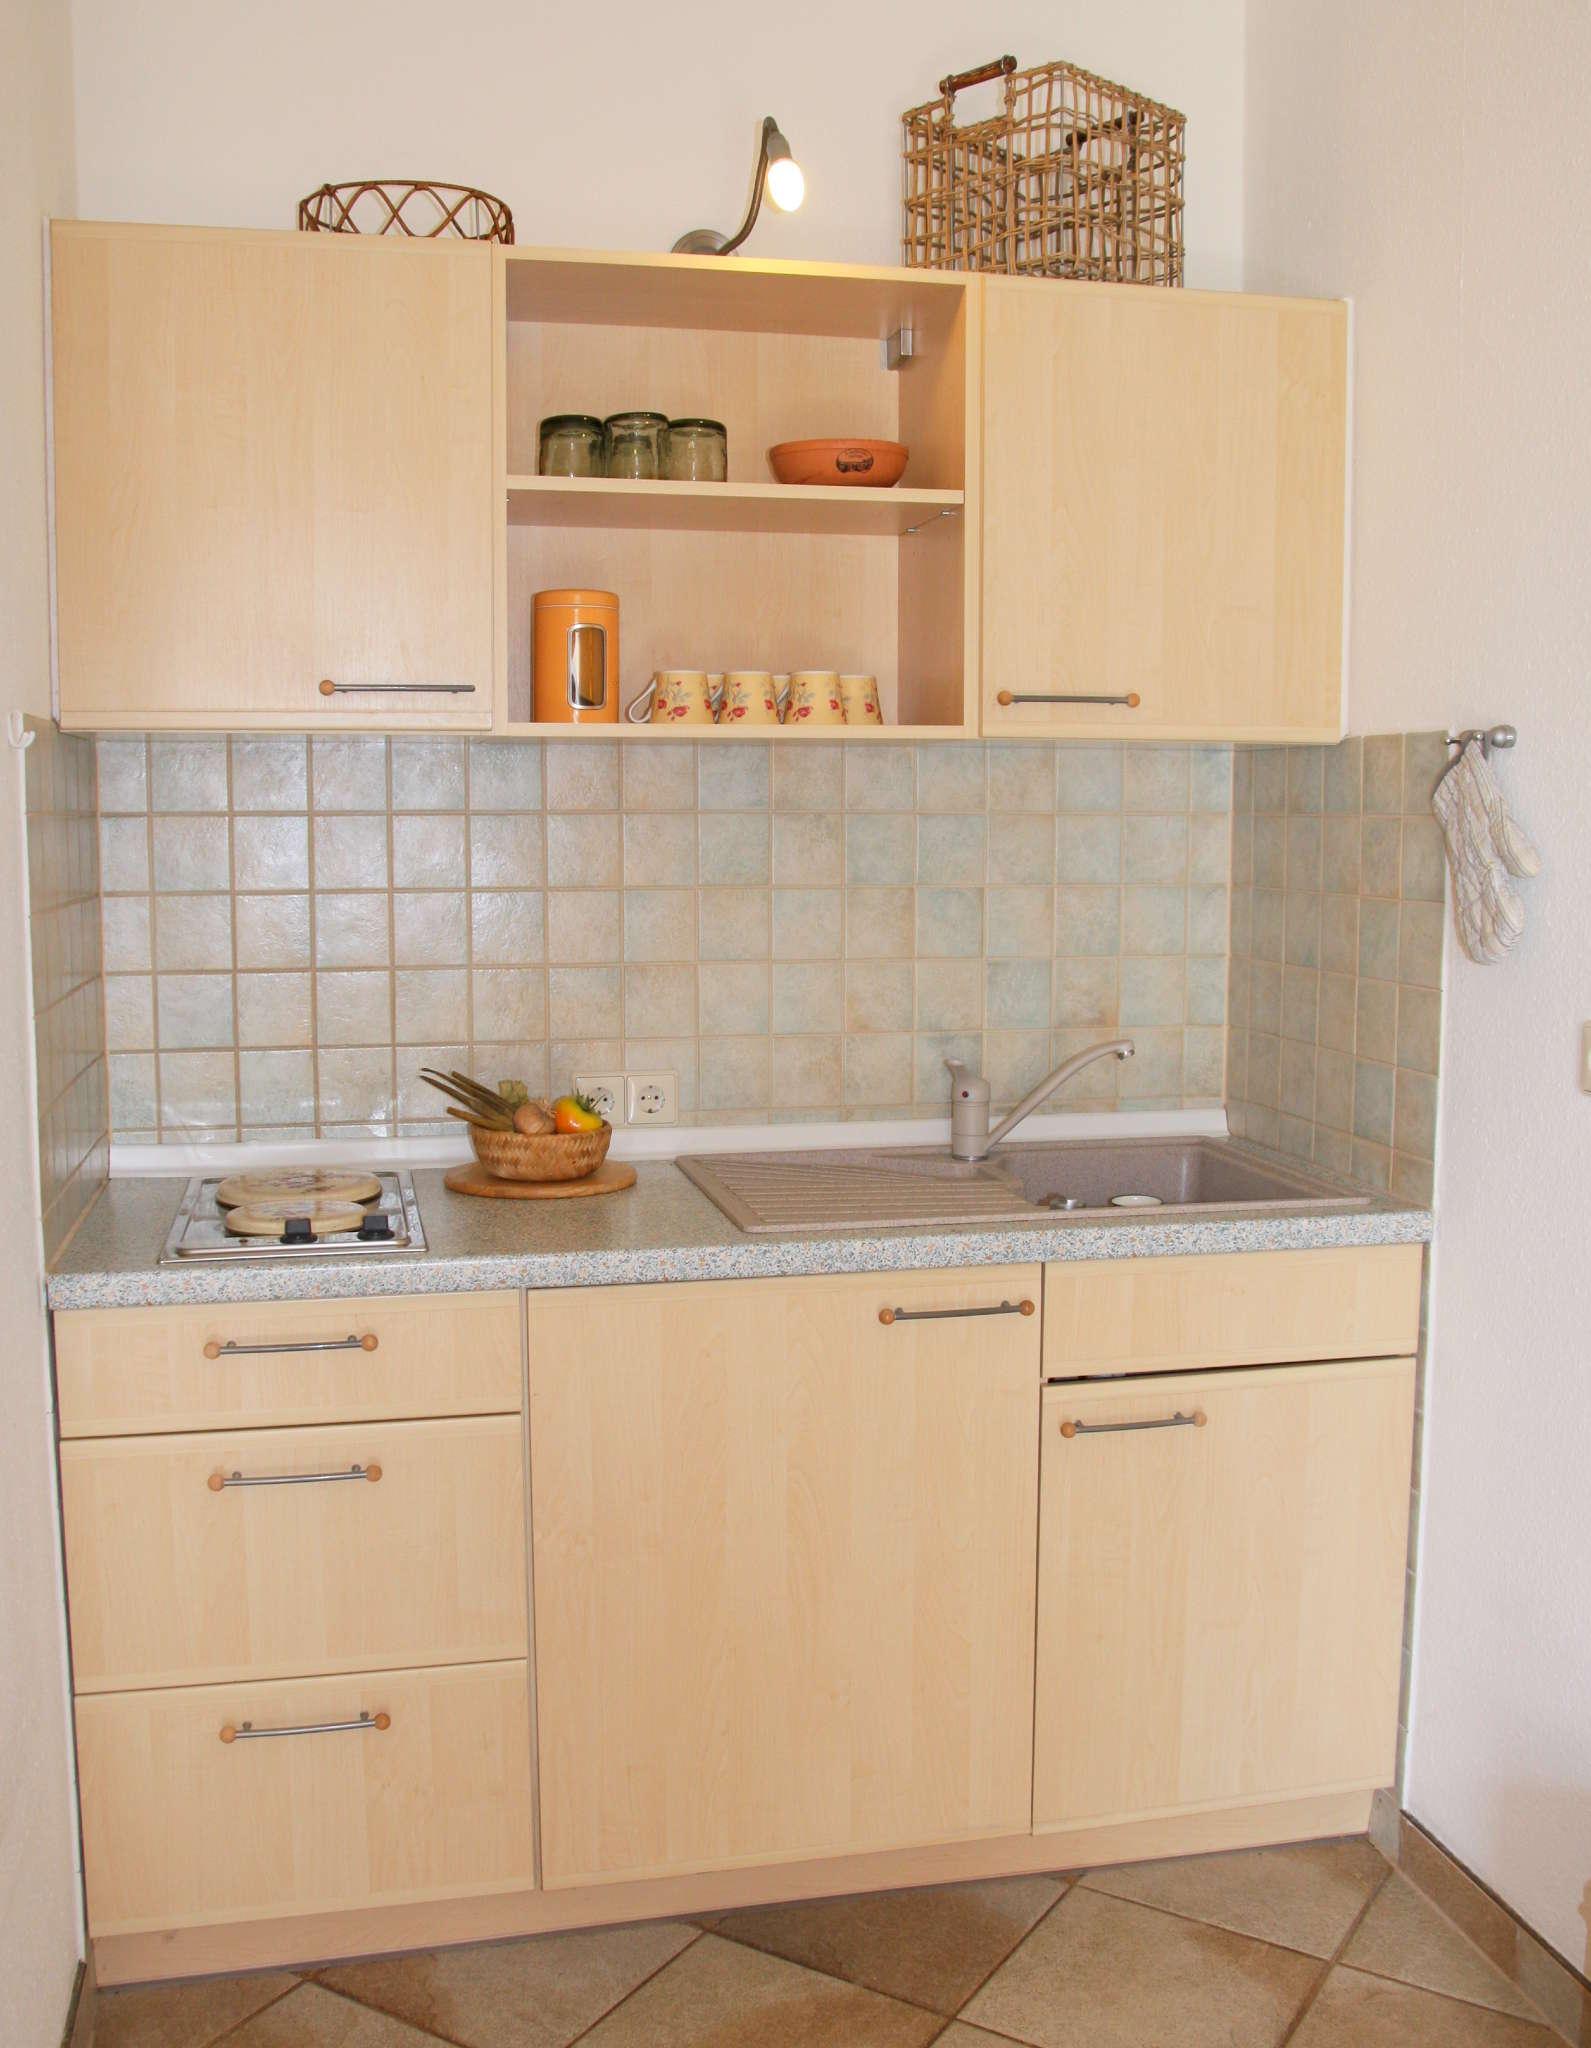 Bad mit Fenster, Dusche, WC